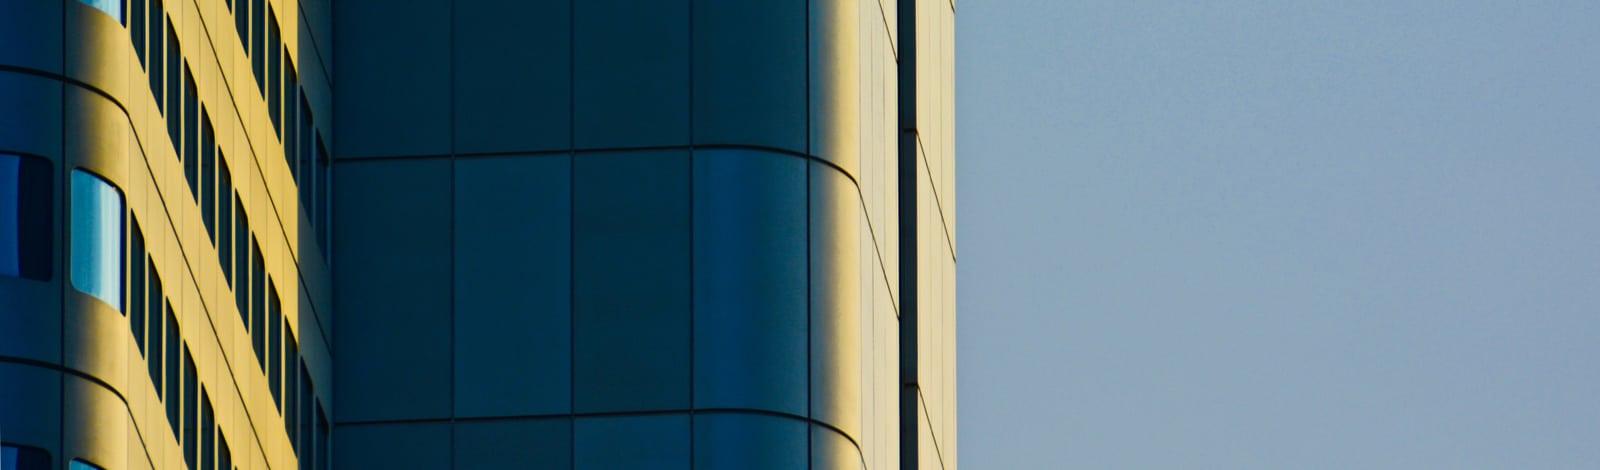 Hochhausfassade Fenster Marketingabteilung